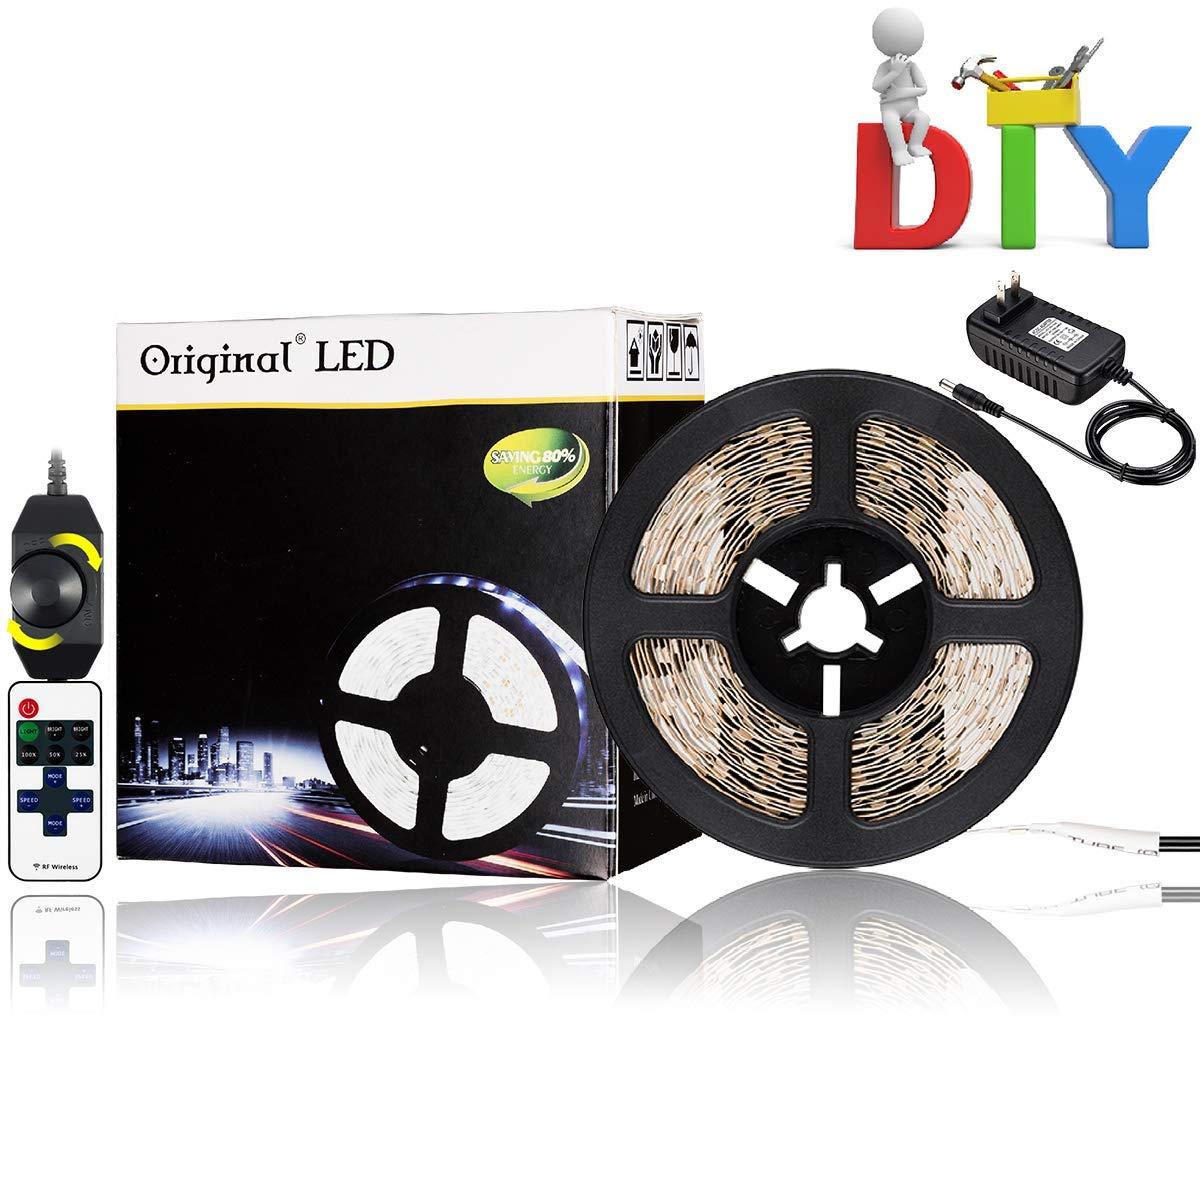 16.4ft LED Flexible Light Strip Kit, 300 Units SMD 3528 LEDs,12V 6000K White Under Cabinet Lighting,DIY Christmas Holiday Home Kitchen Car Bar Indoor Party Decoration